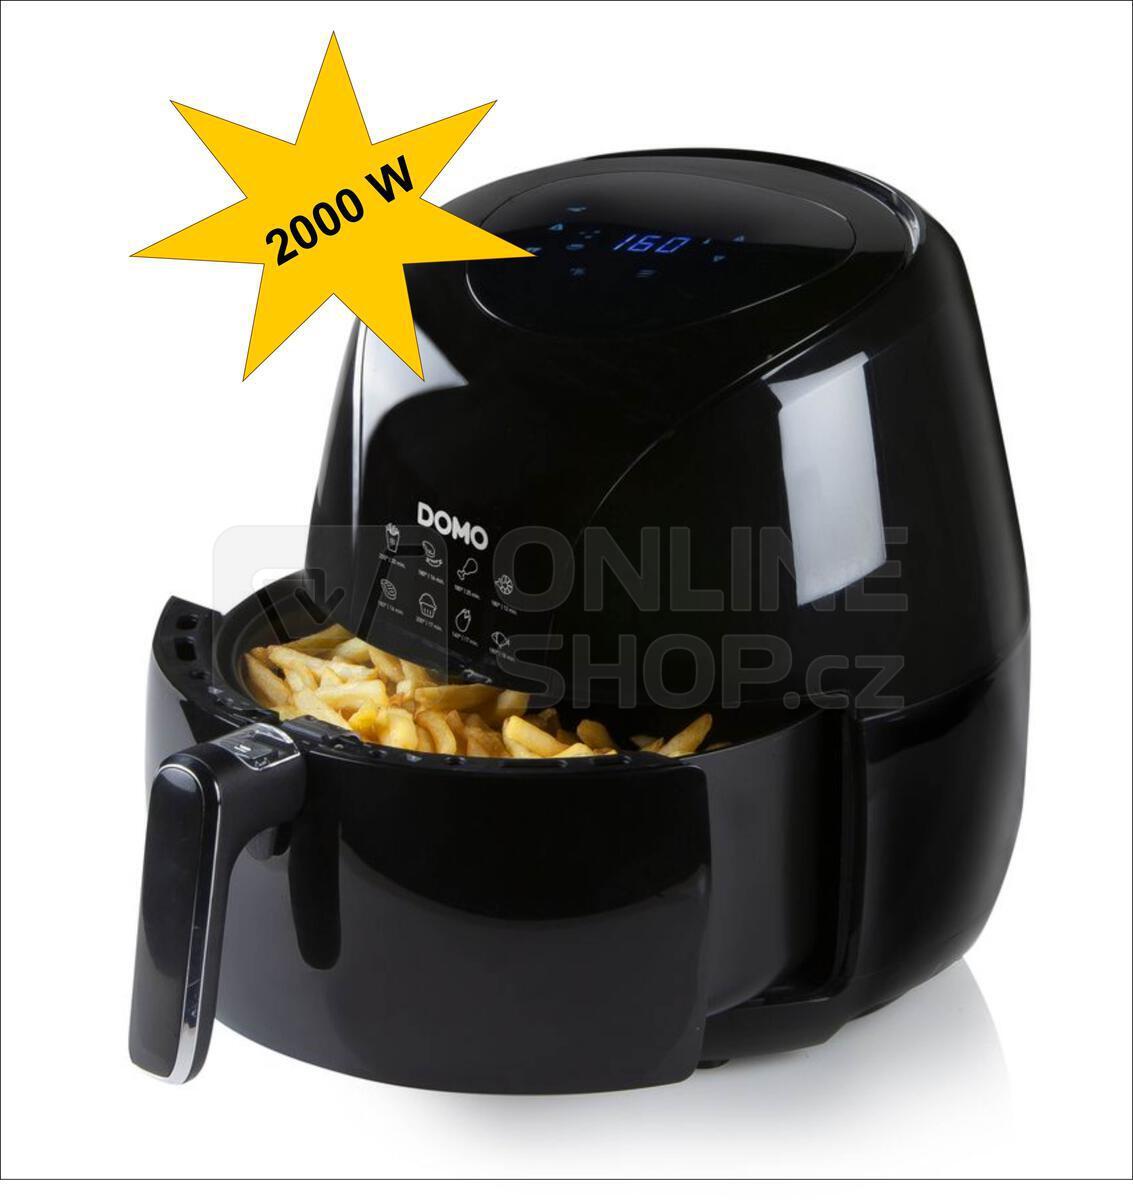 Horkovzdušná fritéza 5 l - digitální - DOMO DO1024FR